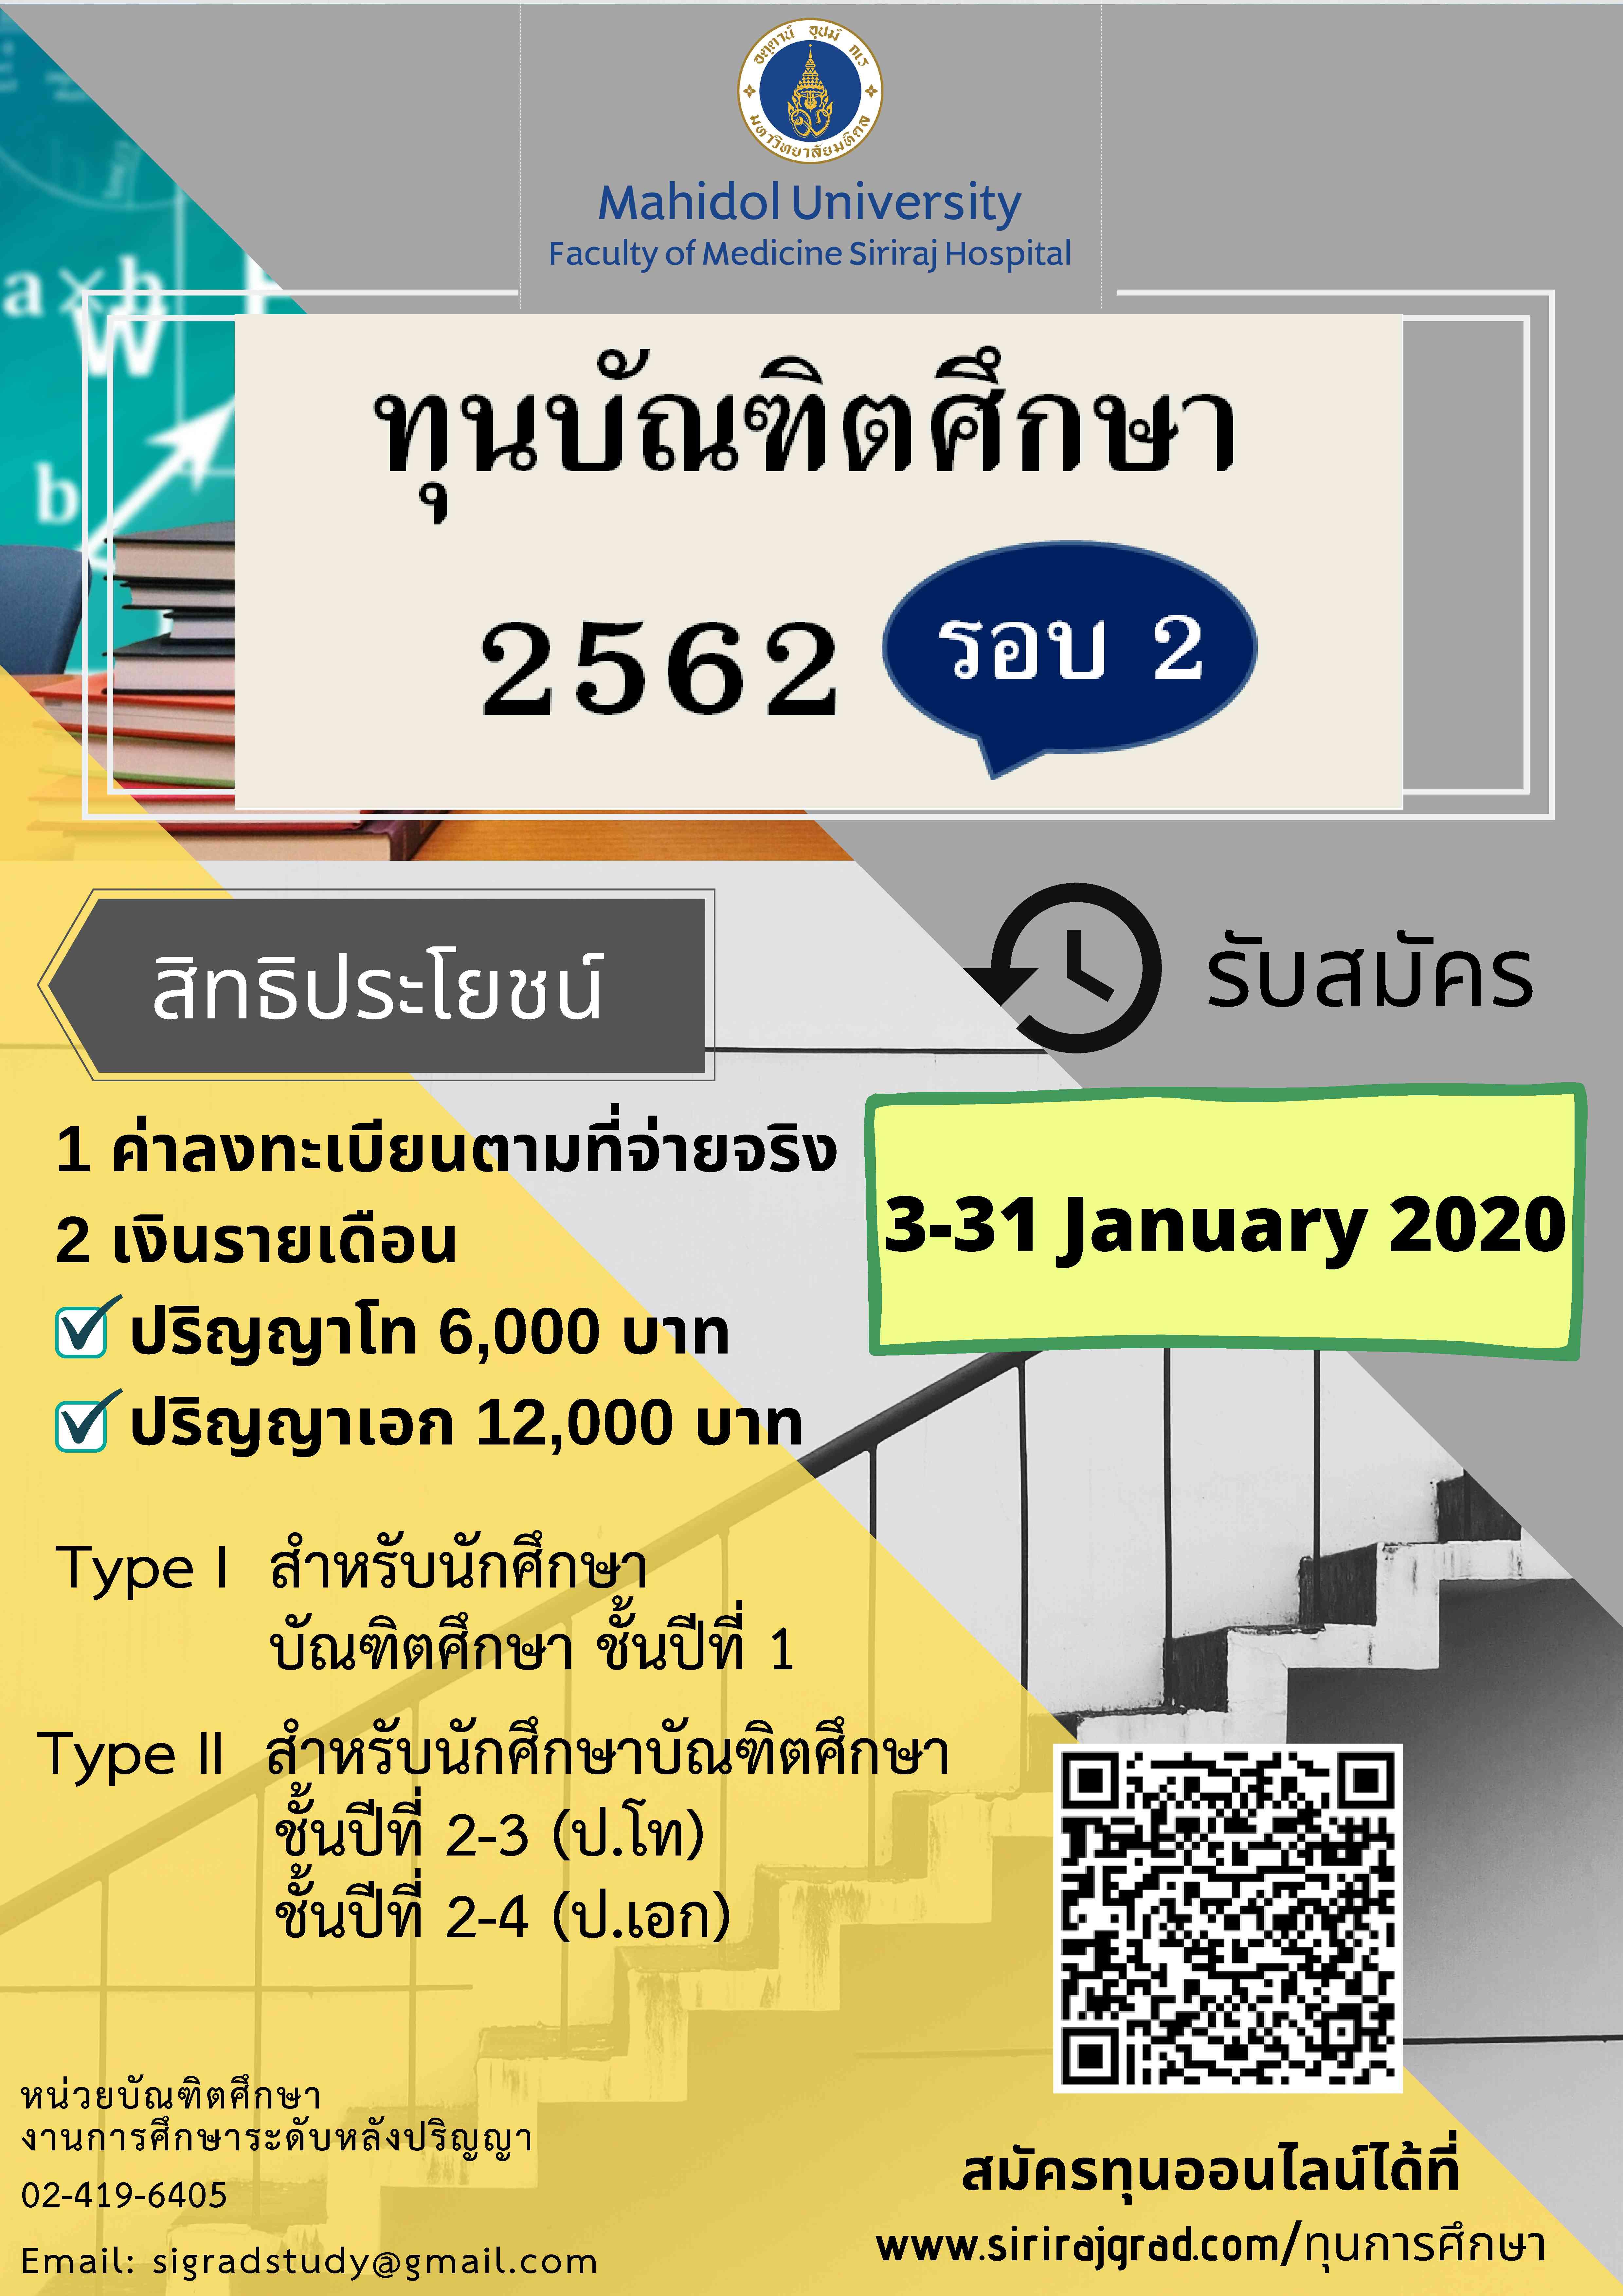 ประชาสัมพันธ์ทุนบัณฑิตศึกษา 2562 รอบที่ 2